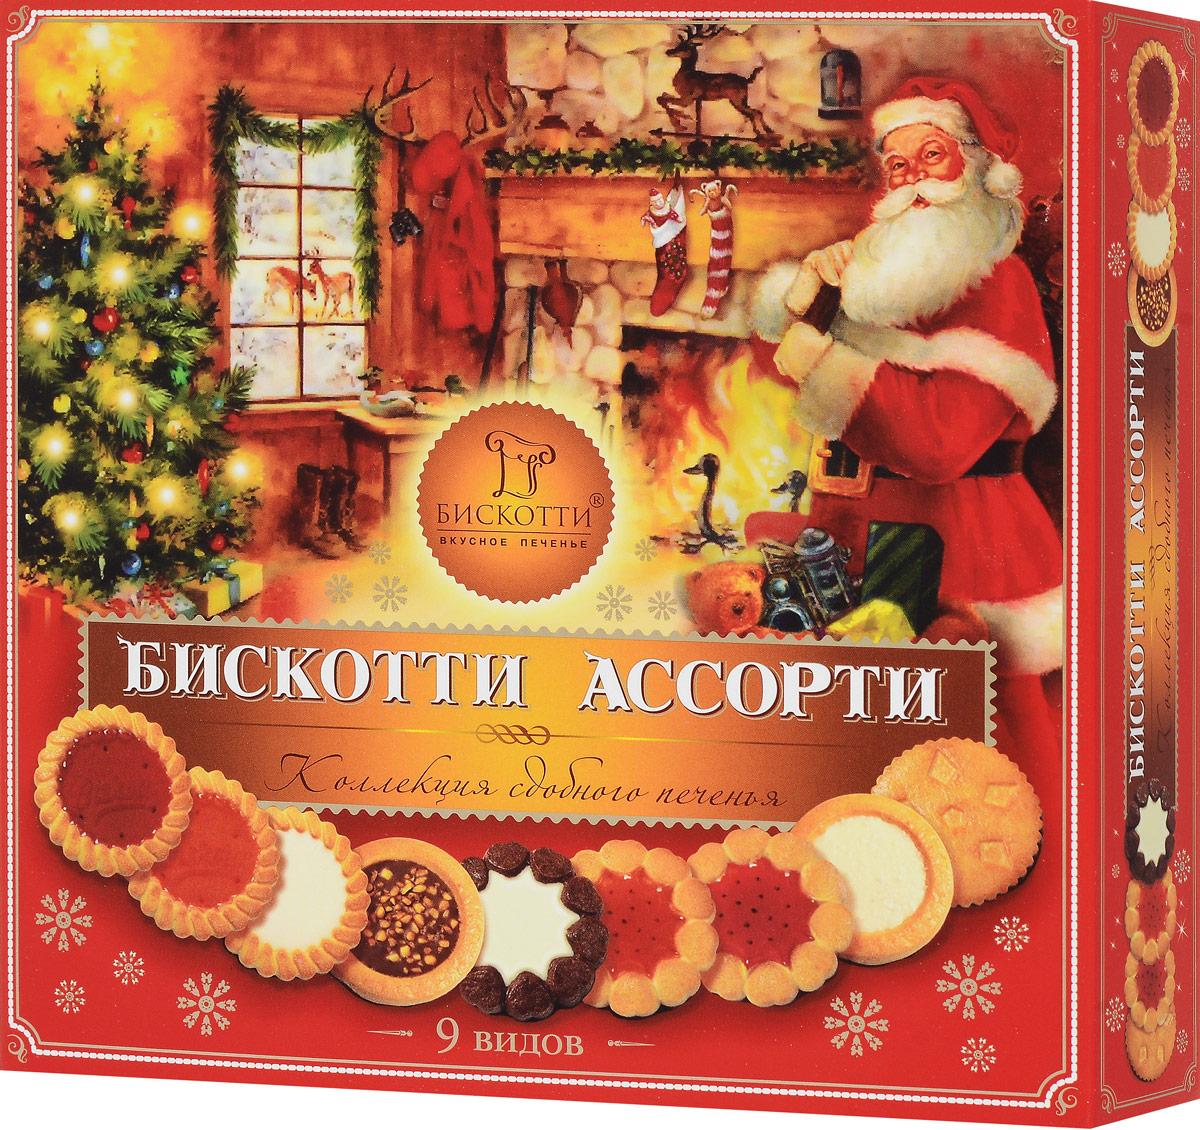 Бискотти Ассорти печенье сдобное, 345 г (9 видов) ищд205р